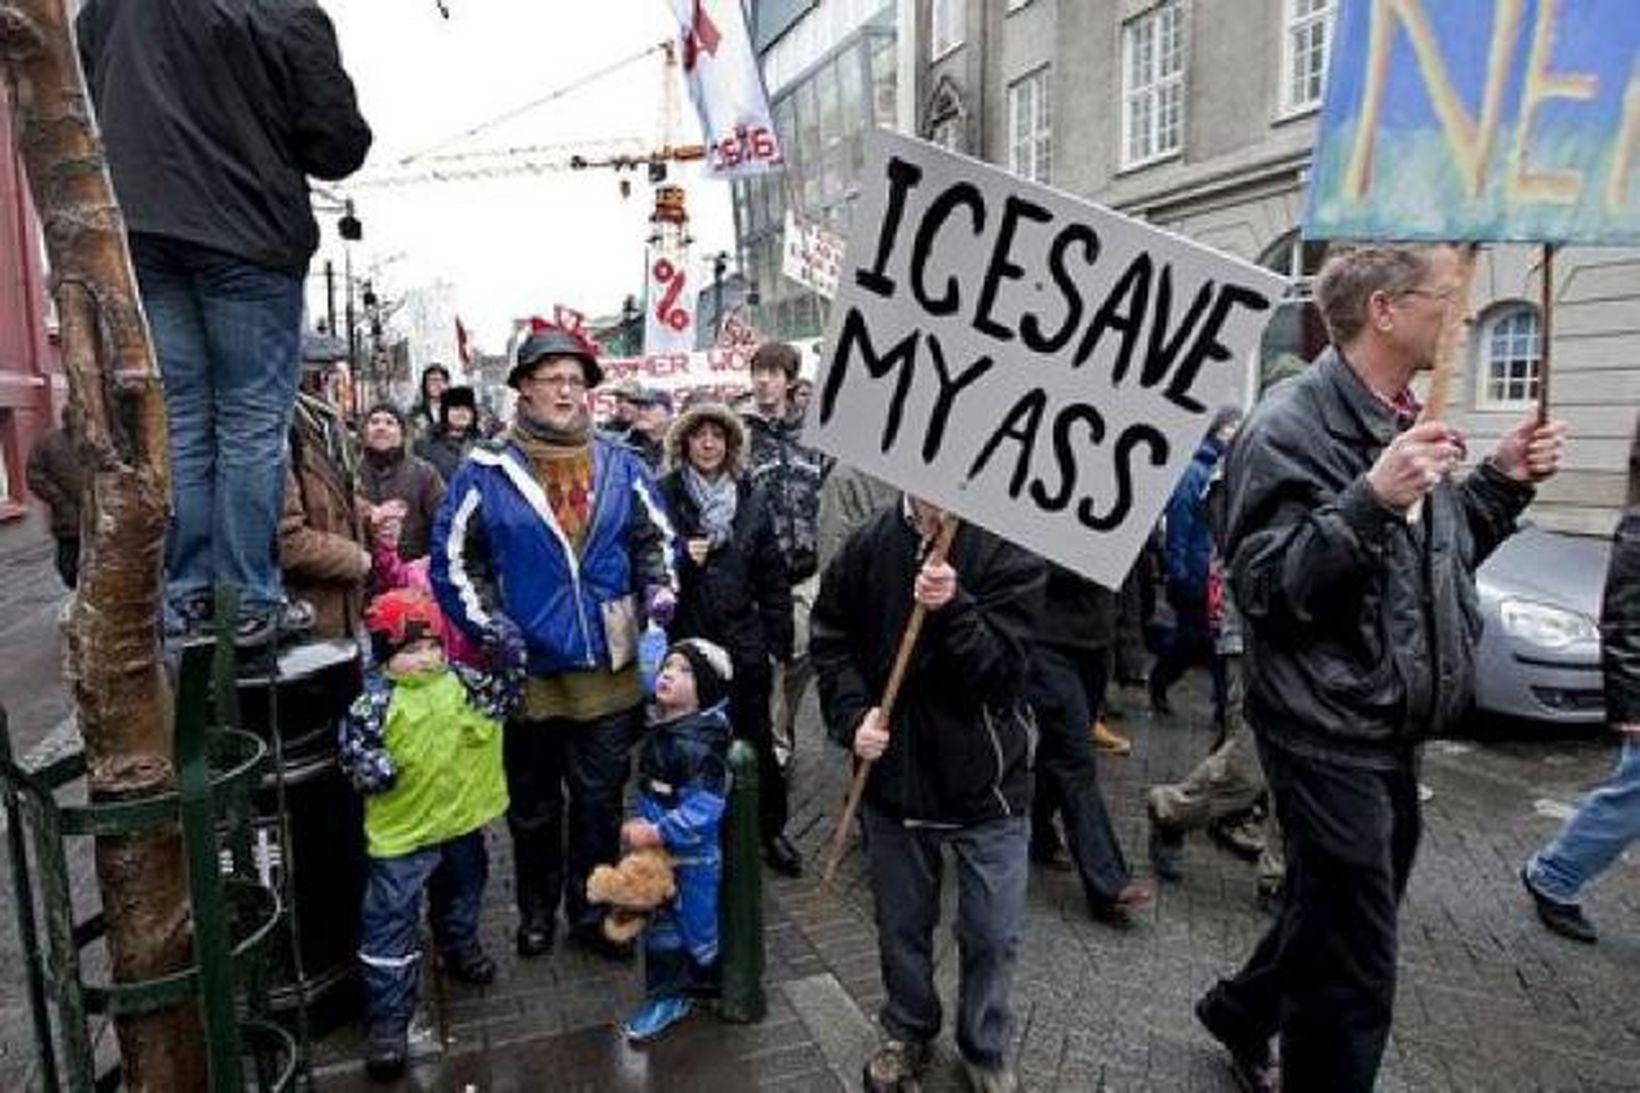 Icesave-samningunum mótmælt.